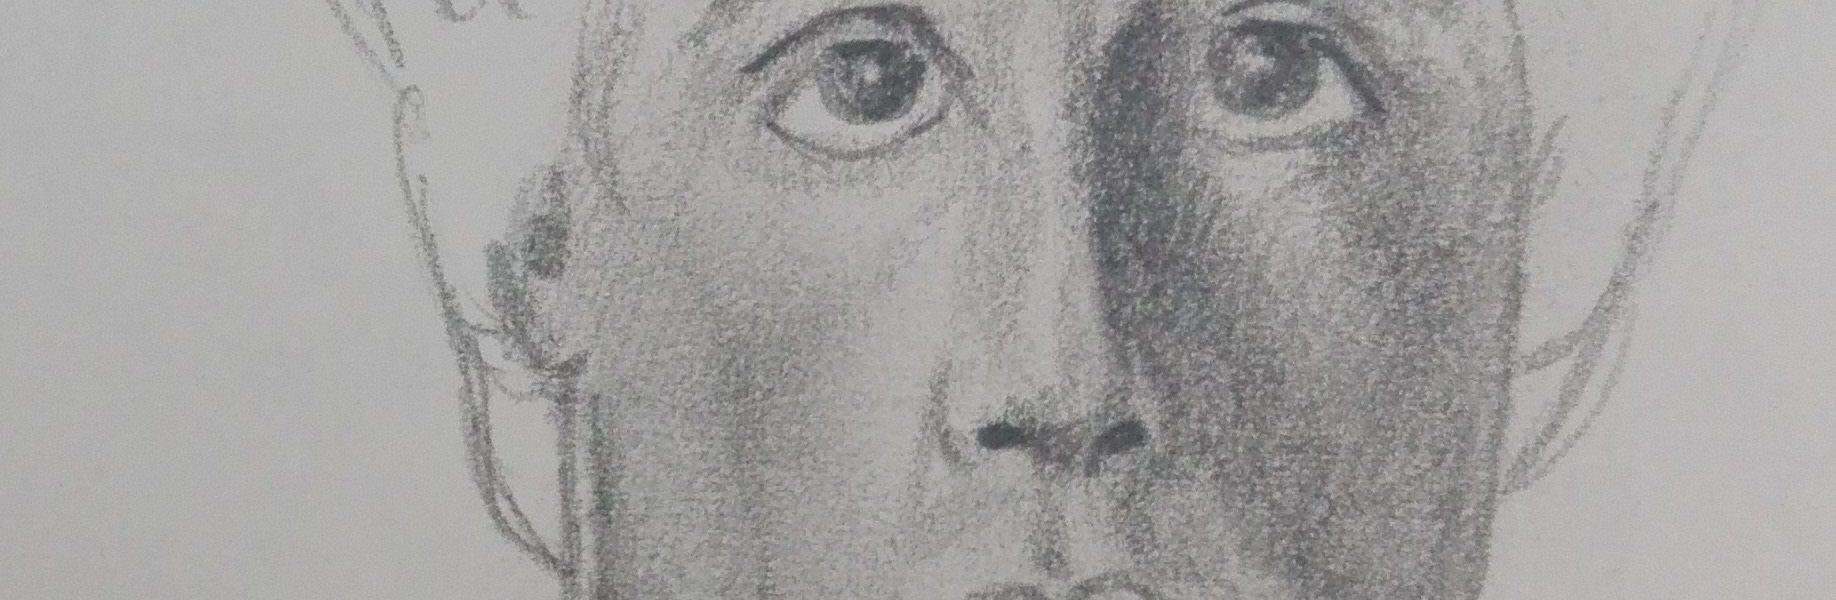 Sandro Ferrucci - Grafite su carta - anno 1990 - ritratto di Silvester Stallone dettaglio da blocco schizzi